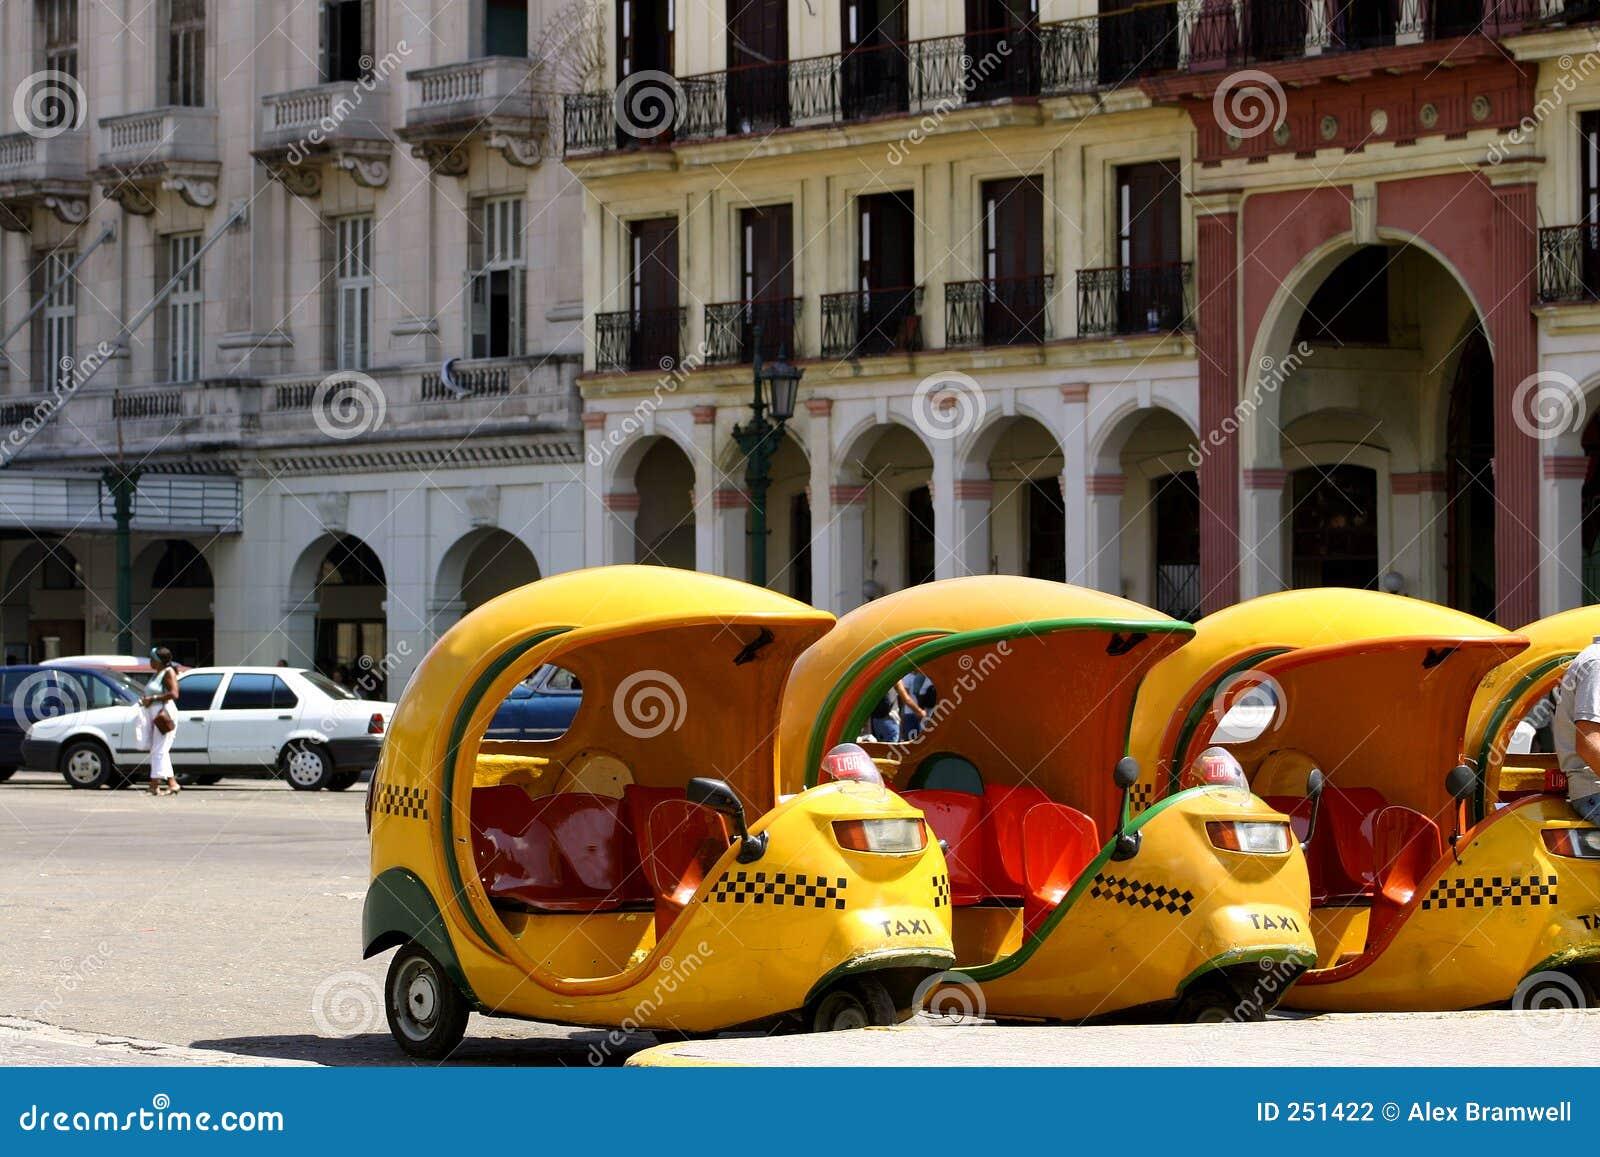 Cococuba taxis